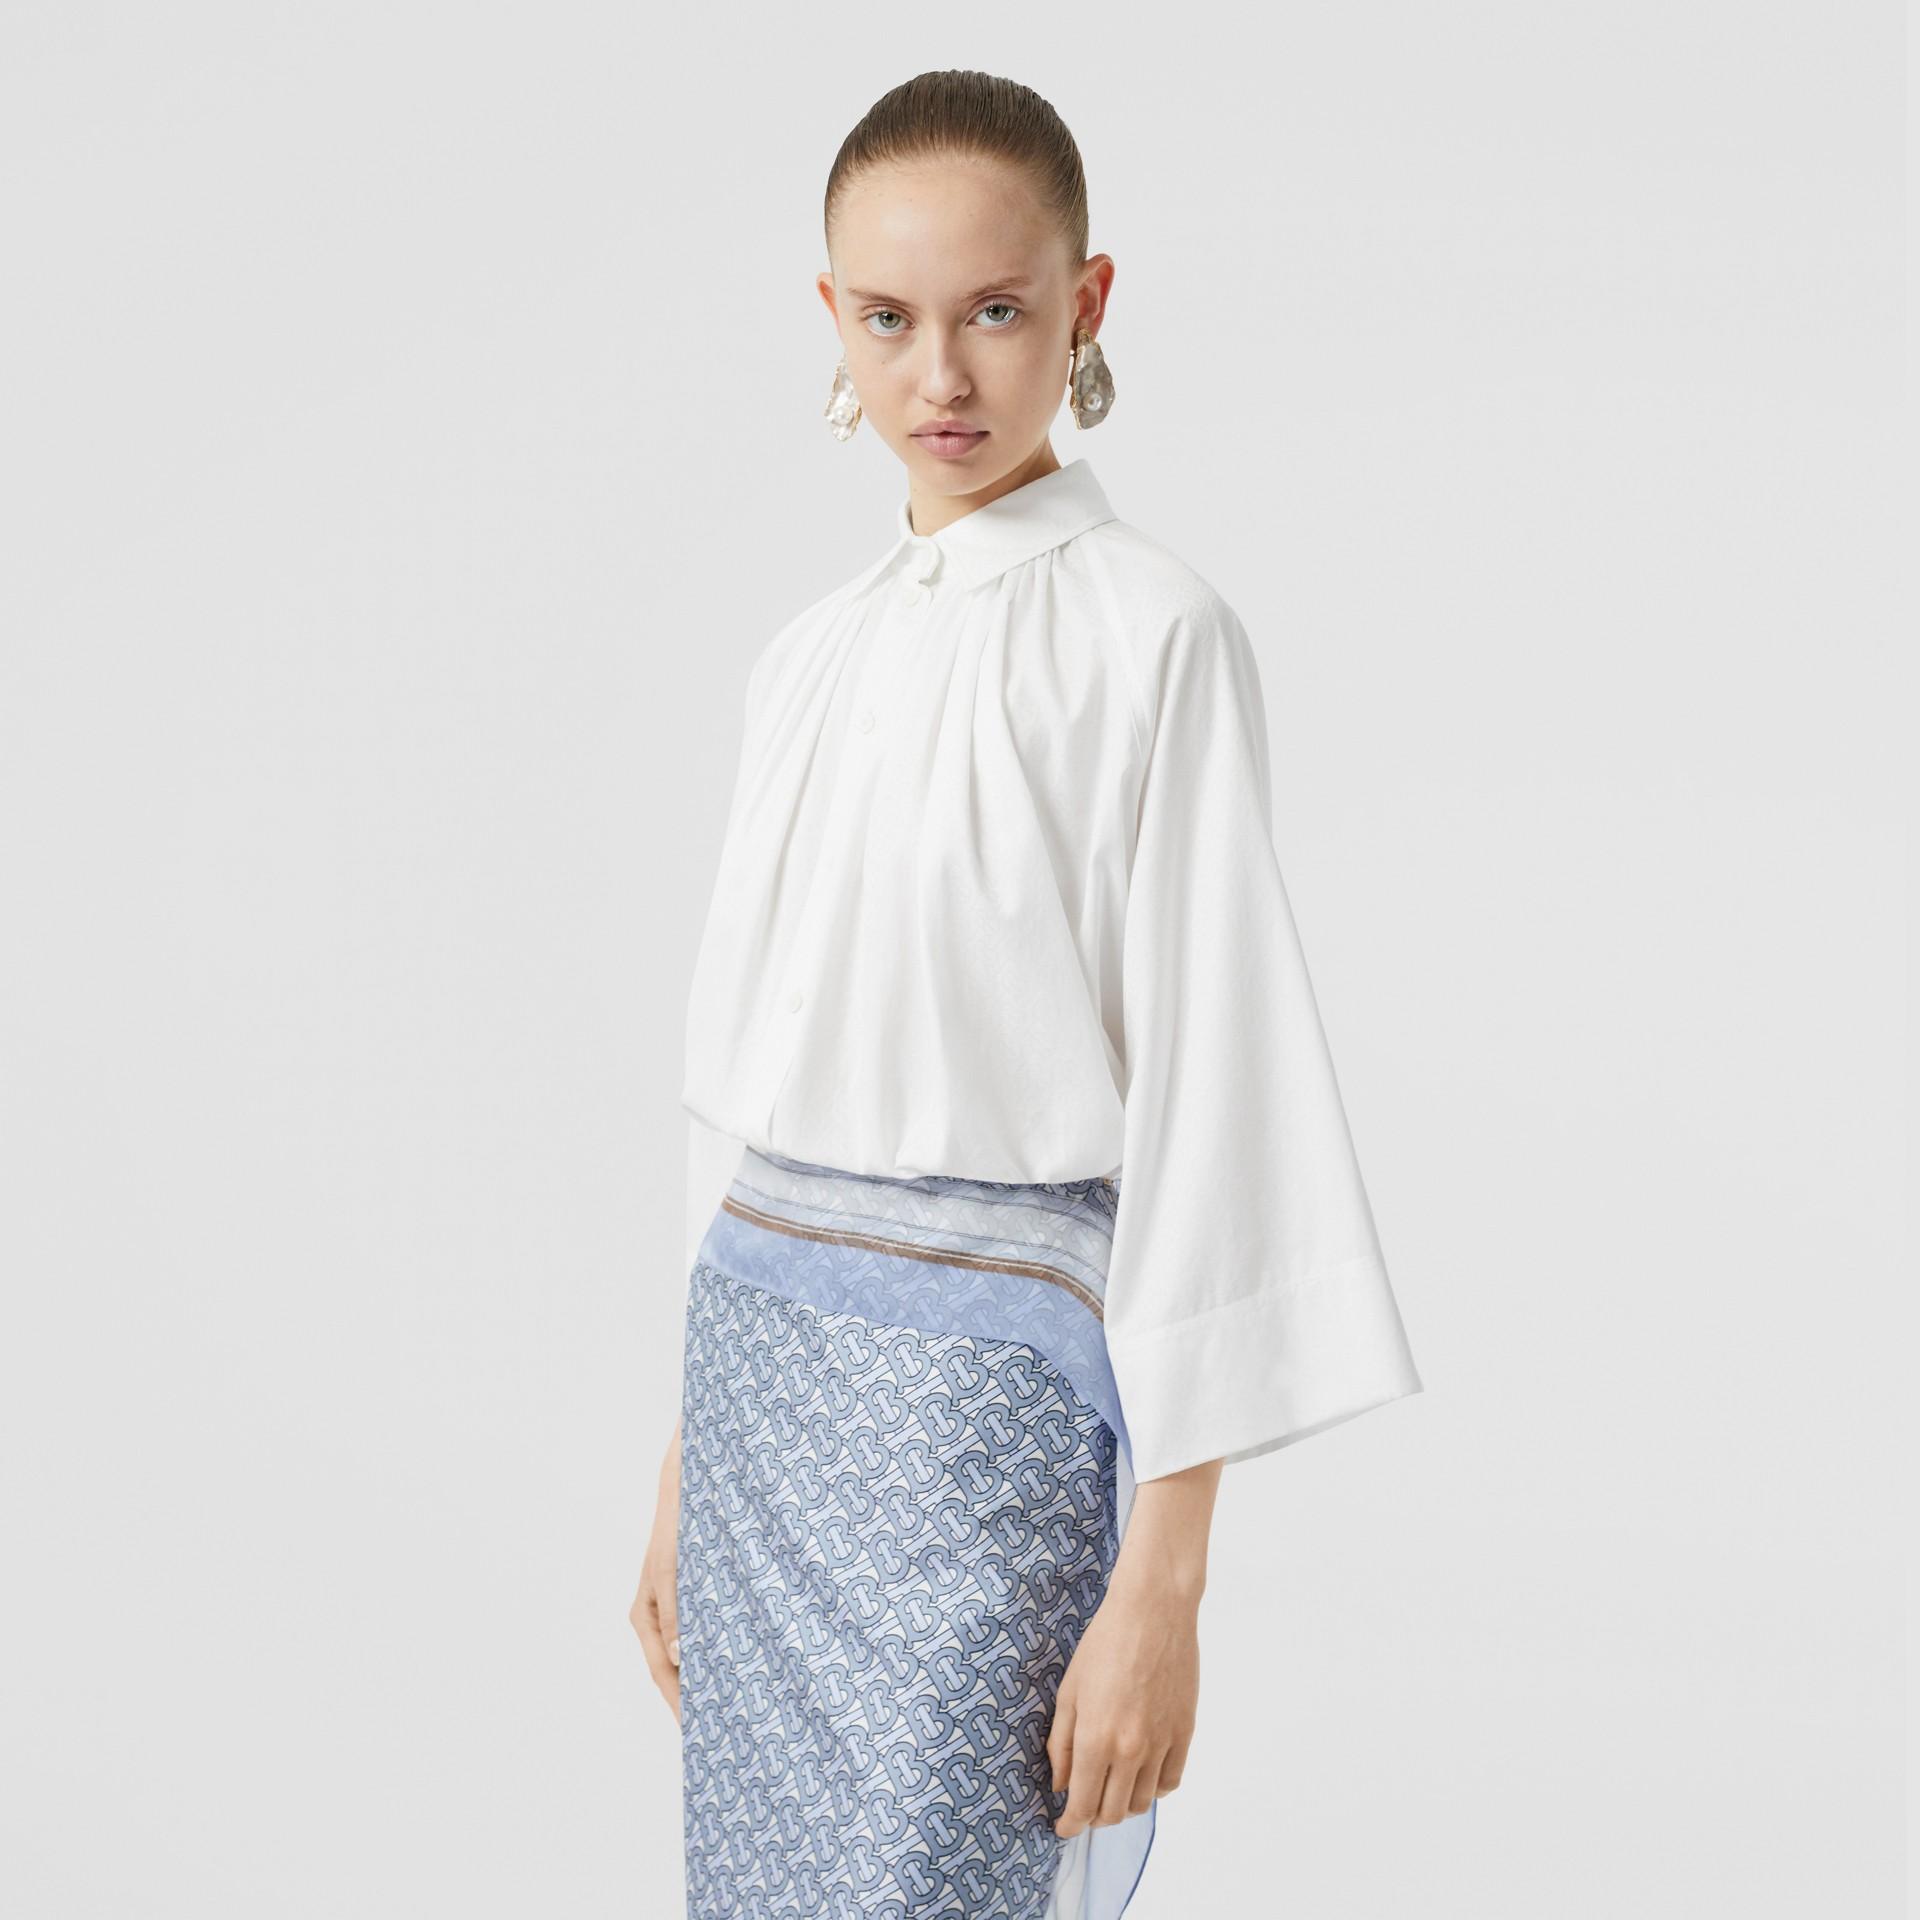 モノグラムコットン ジャカード オーバーサイズシャツ (オプティックホワイト) - ウィメンズ | バーバリー - ギャラリーイメージ 5